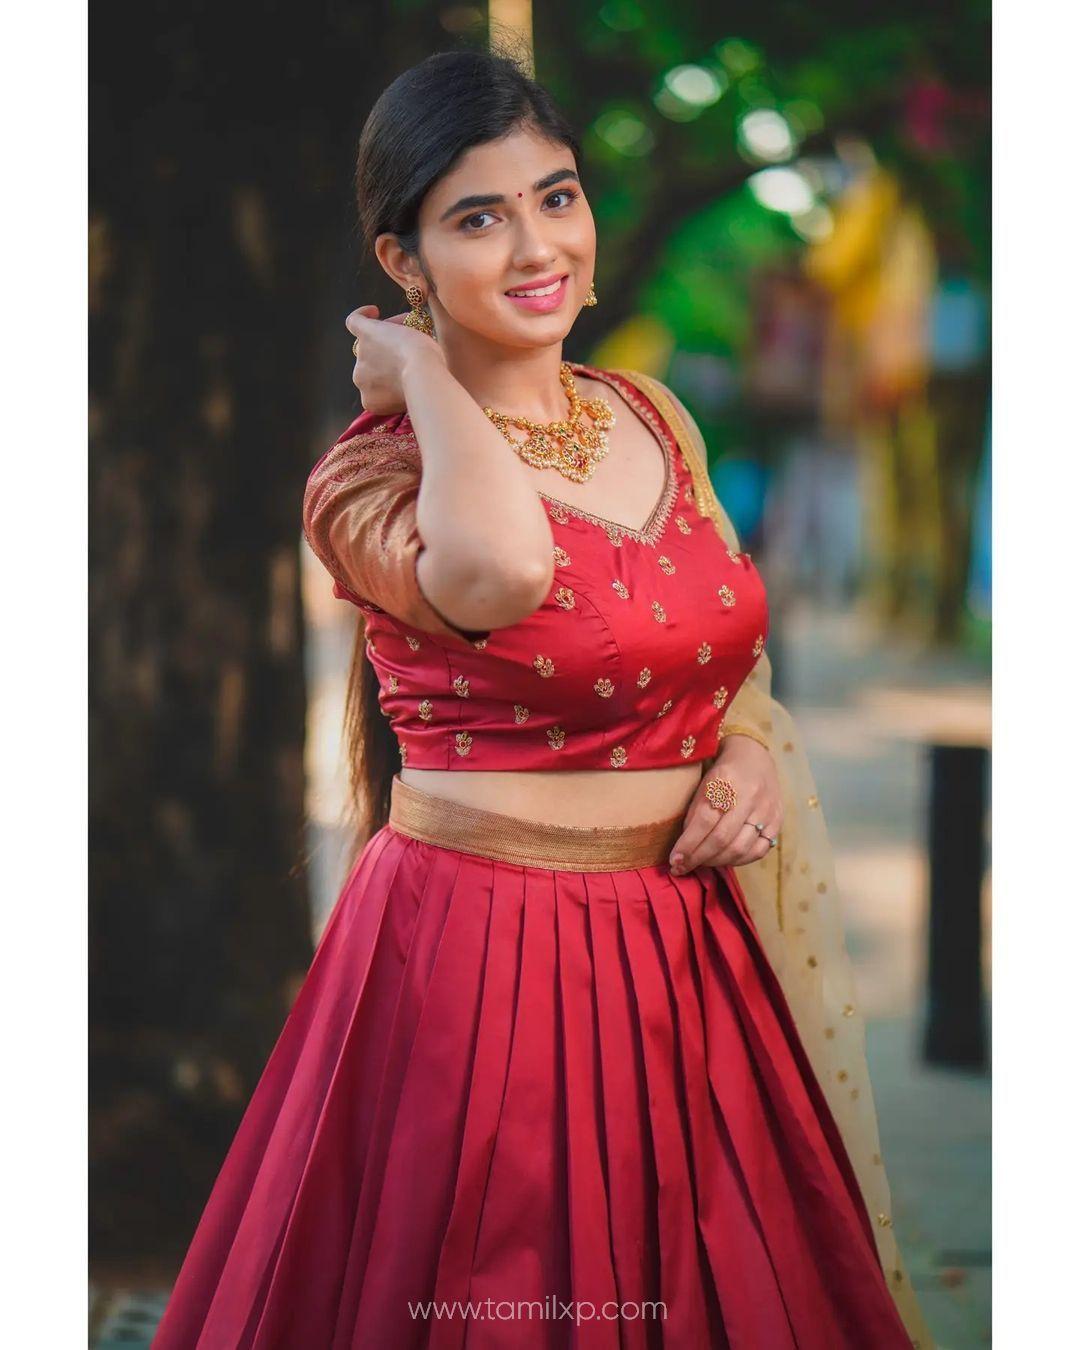 pragya nagra latest photos